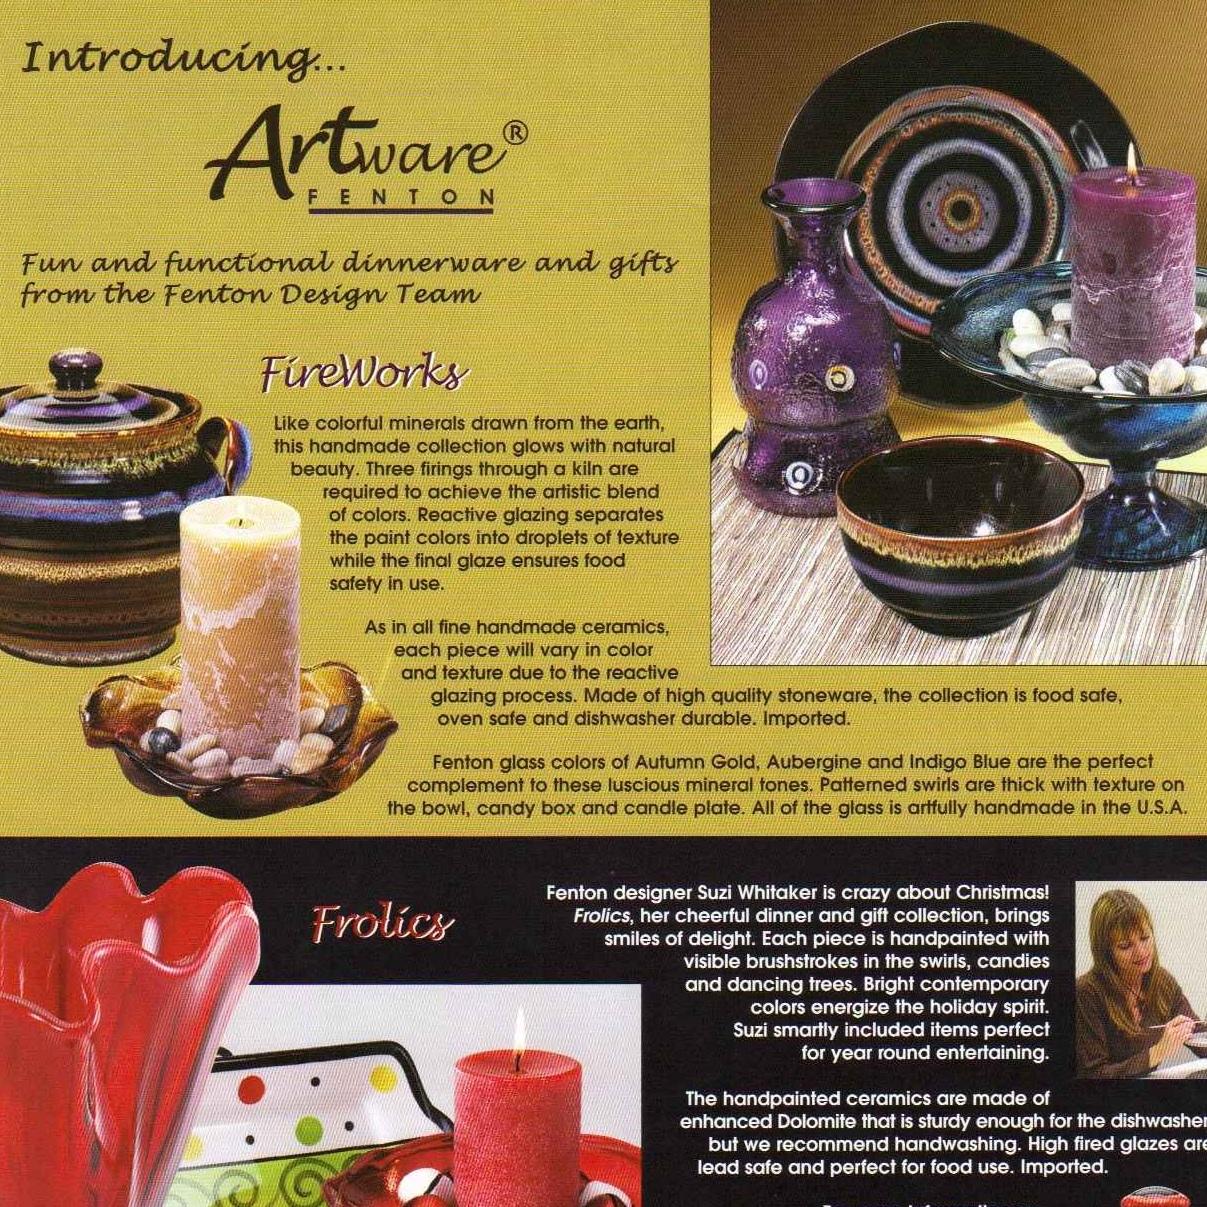 2007 Artware 2